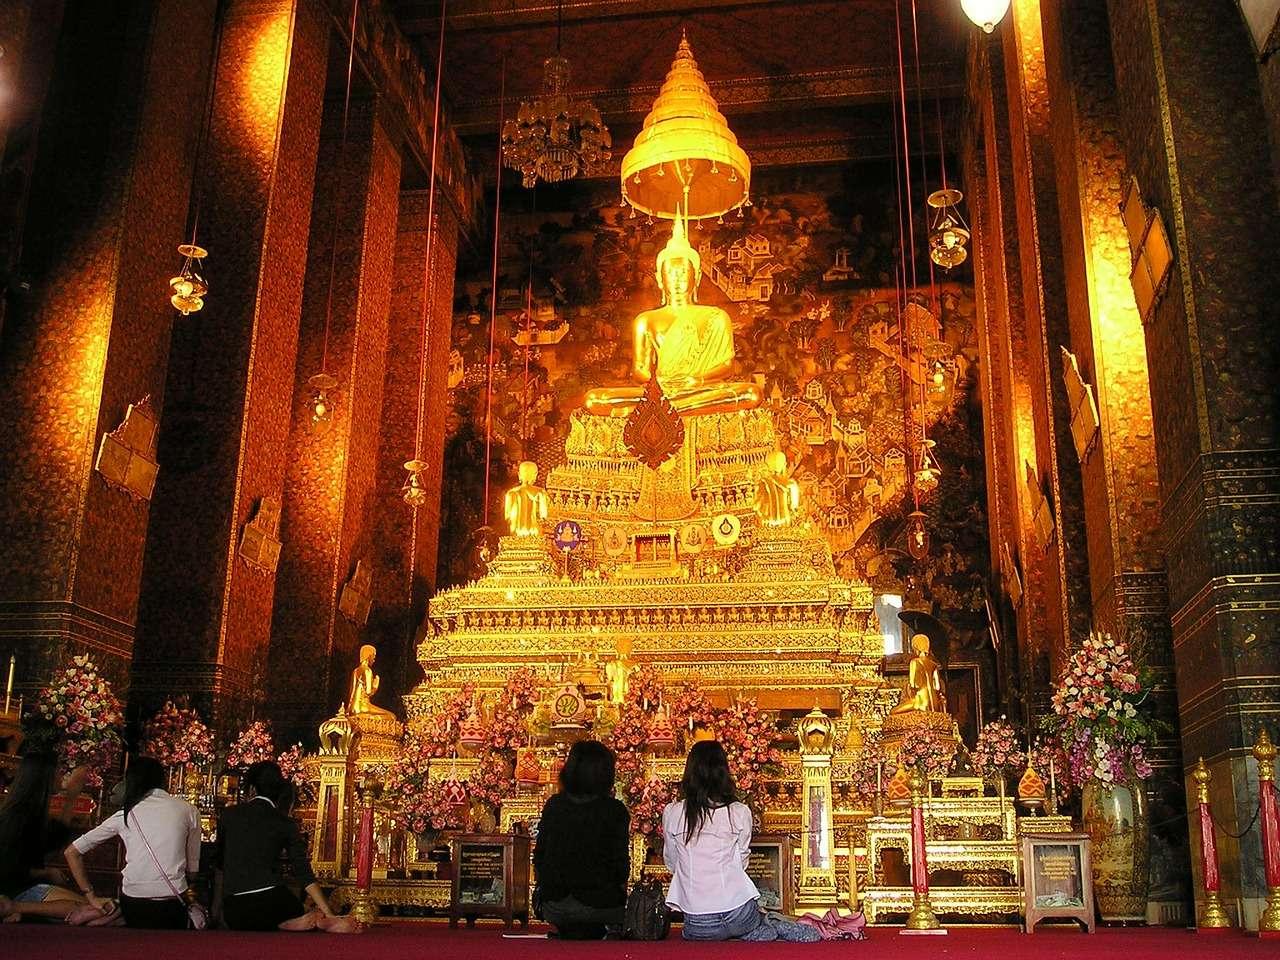 Таиланд Бангкок Храм Святыня Золото Алтарь